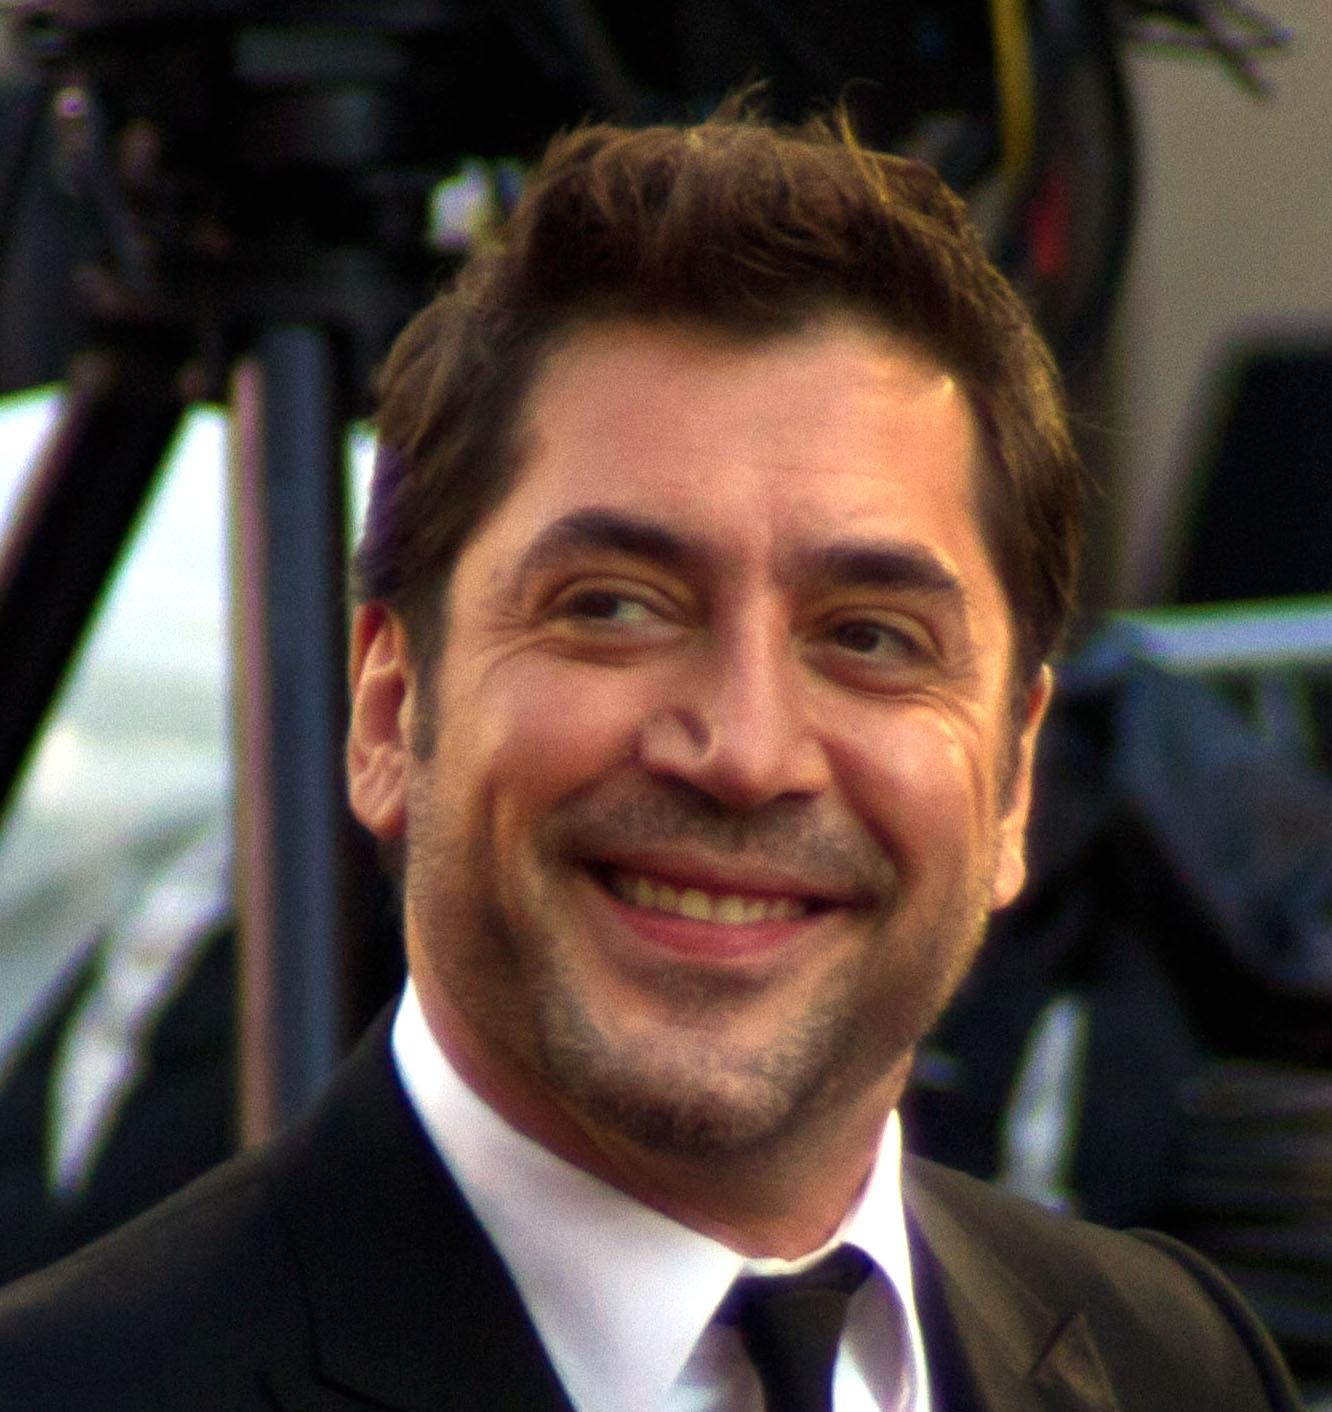 Javier_Bardem_2011_AA - Javier_Bardem_2011_AA